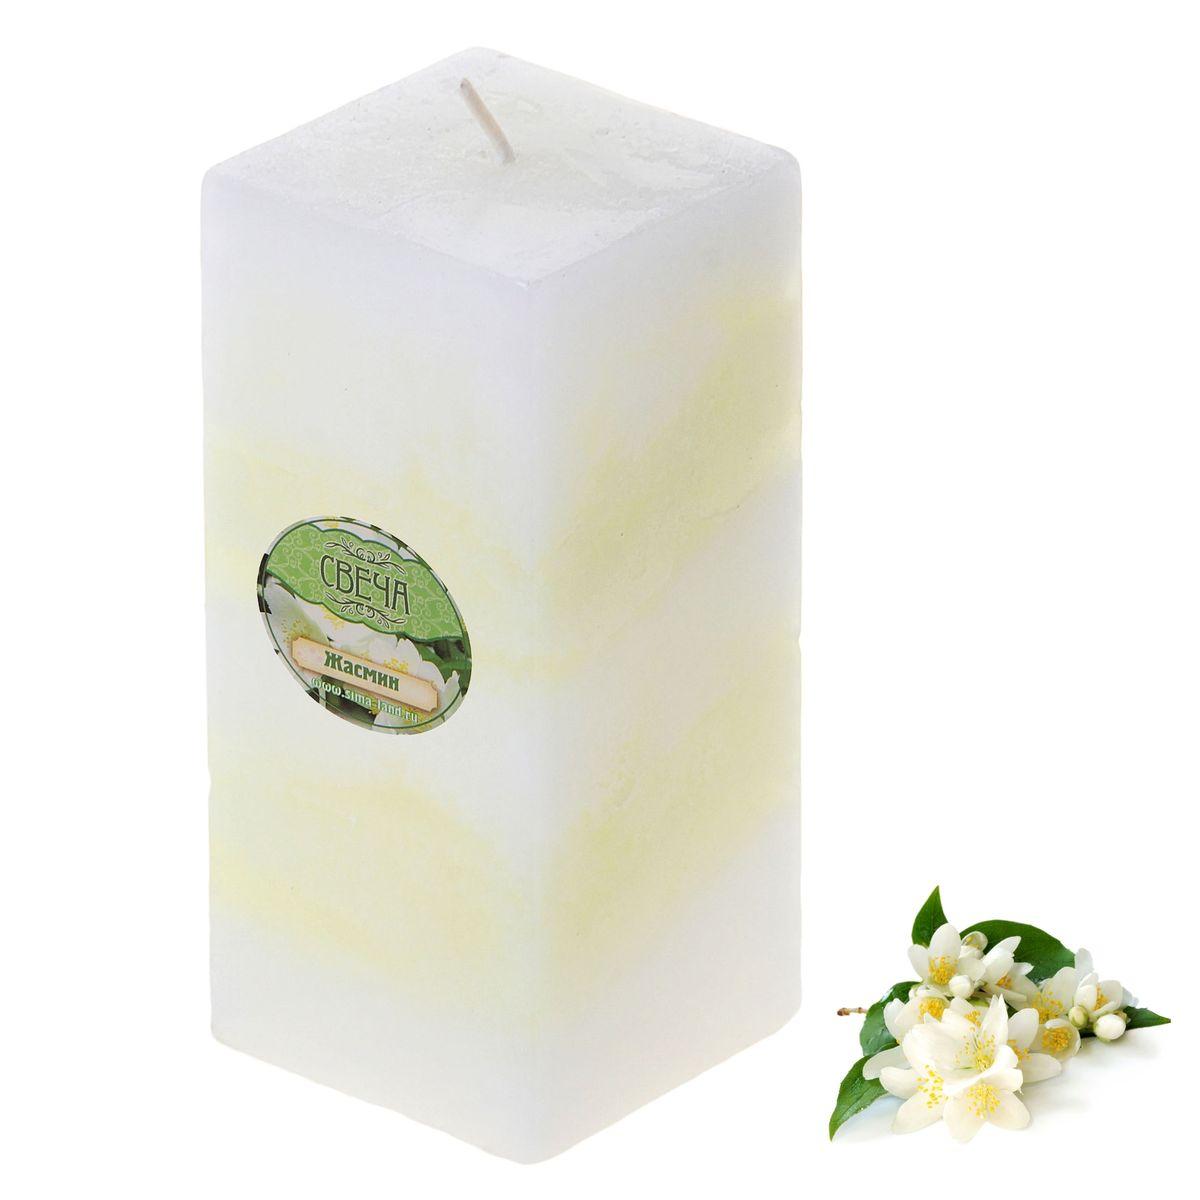 Свеча ароматизированная Sima-land Жасмин, высота 10 см свеча ароматизированная sima land апельсин высота 10 см